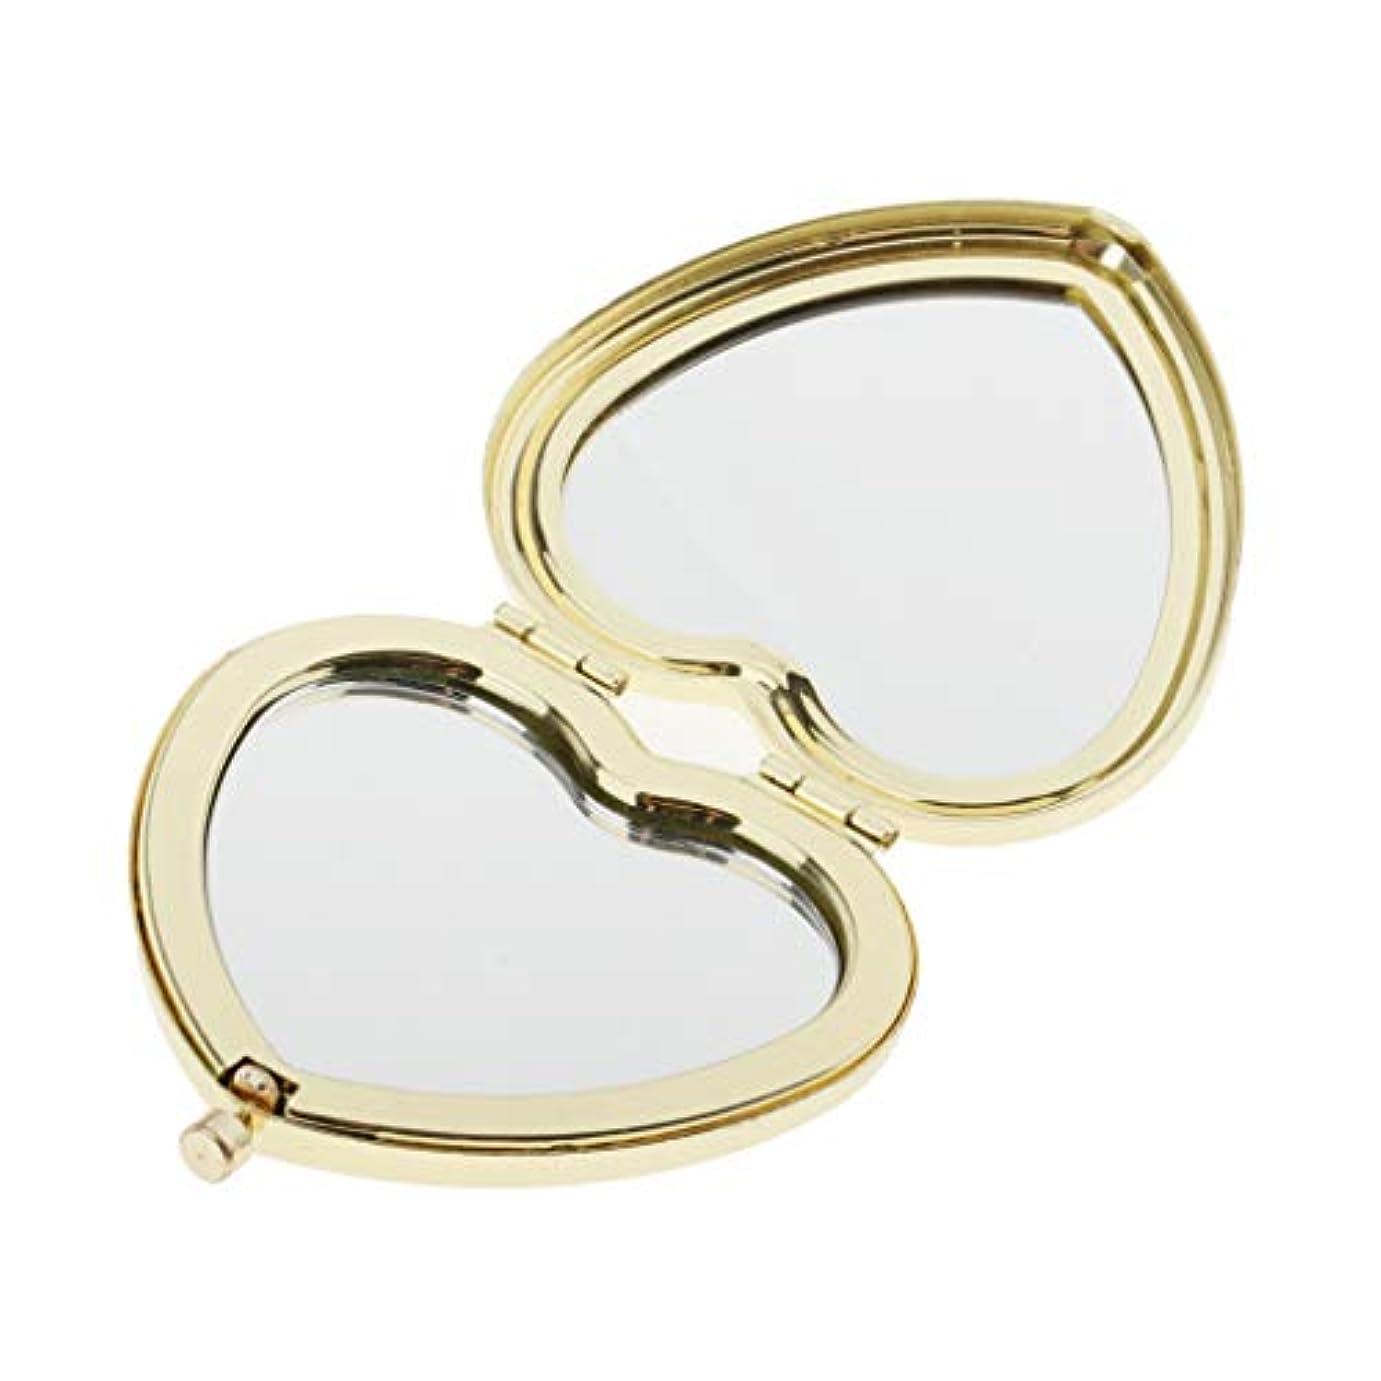 レンダリング有効な排除するSM SunniMix 携帯ミラー コンパクミラー かわいい ハート型 ポケッミラー ハンドミラー 手鏡 化粧鏡 折り畳み式 全4色 - ゴールデン